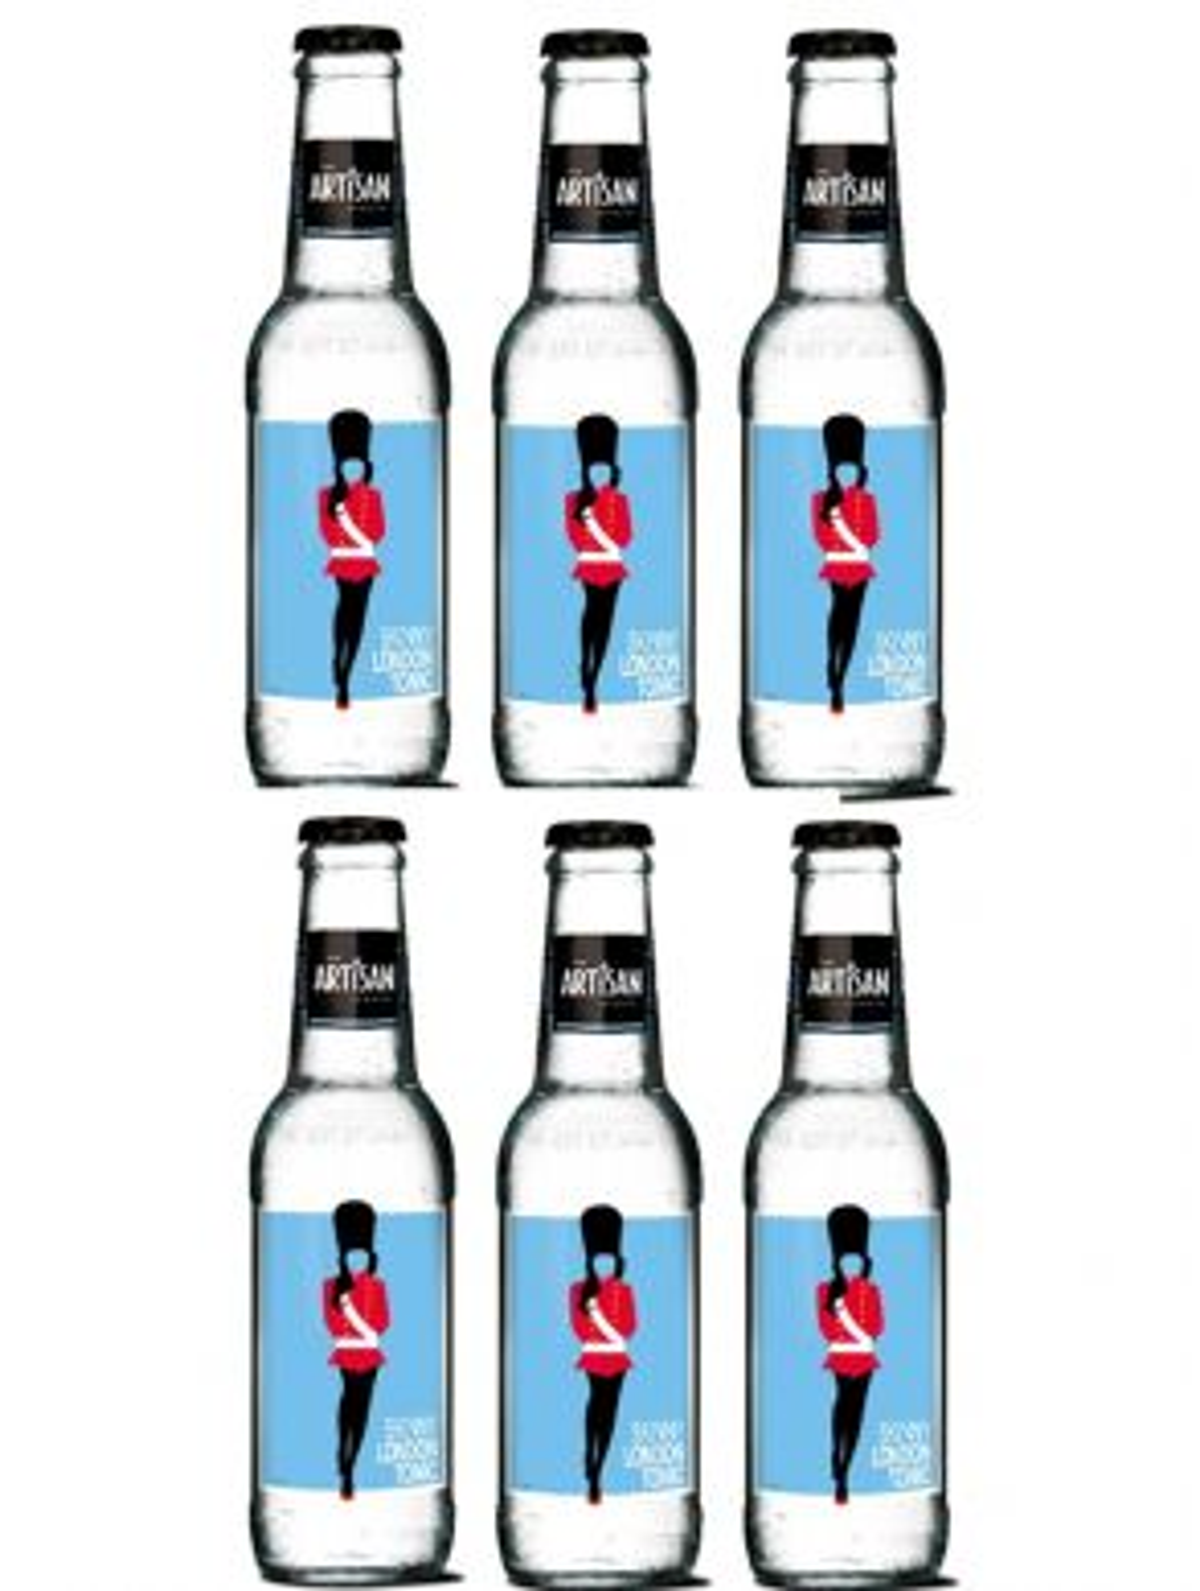 Artisan Skinny London Tonic Water 20cl x 6 Bottles